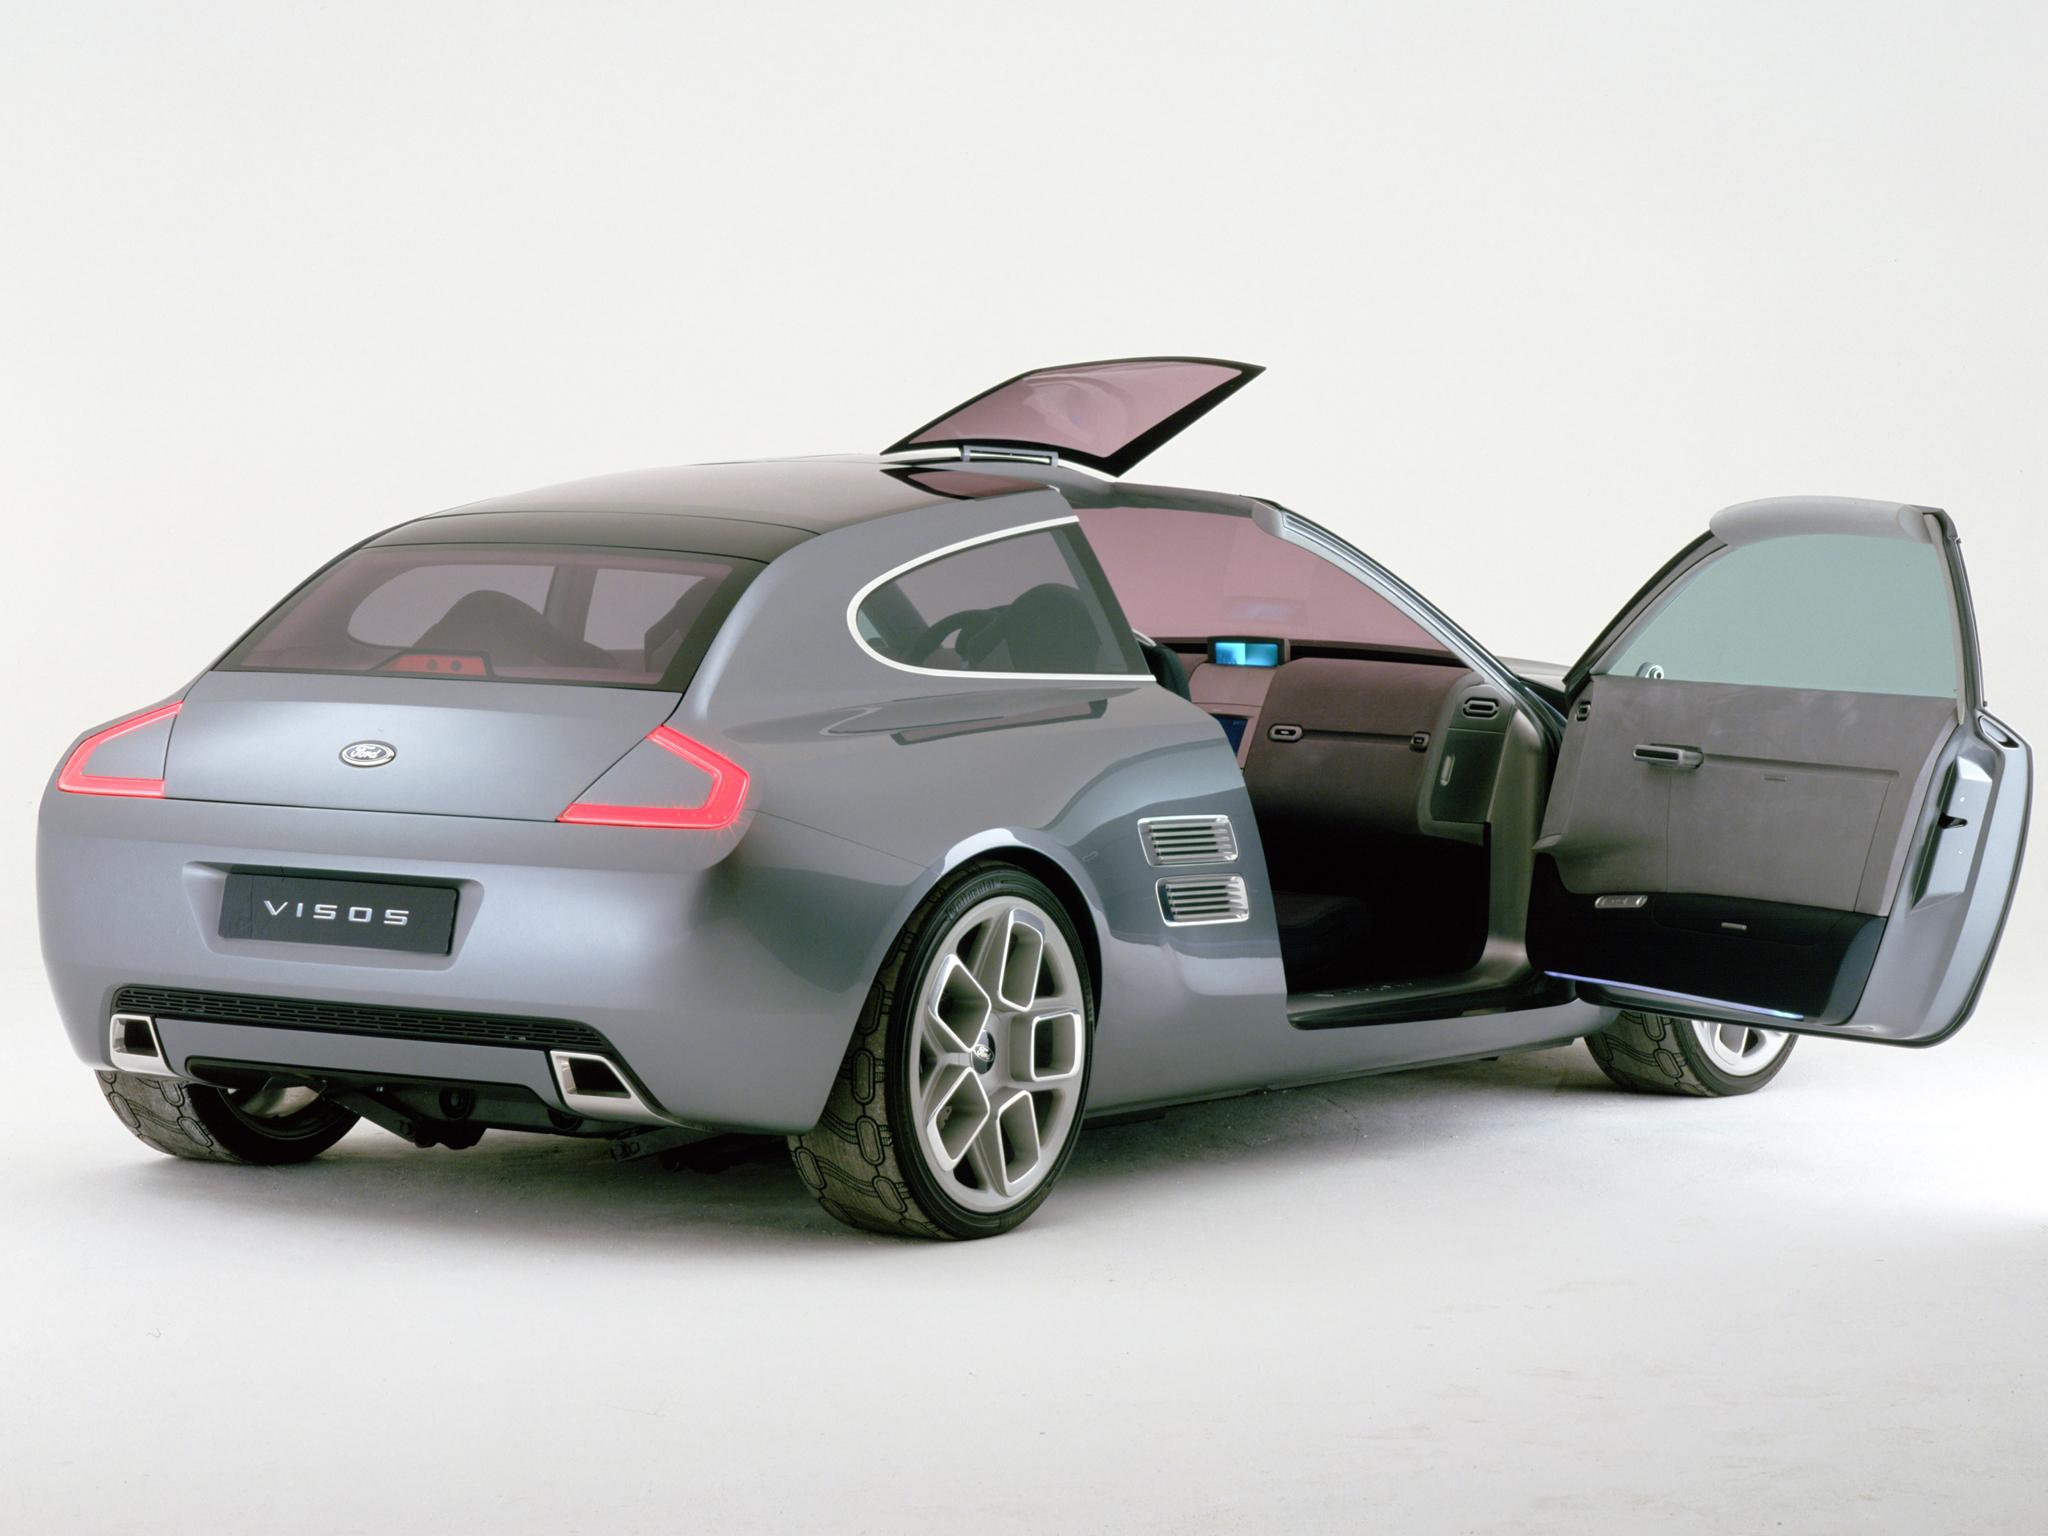 2003 ford visos concepts